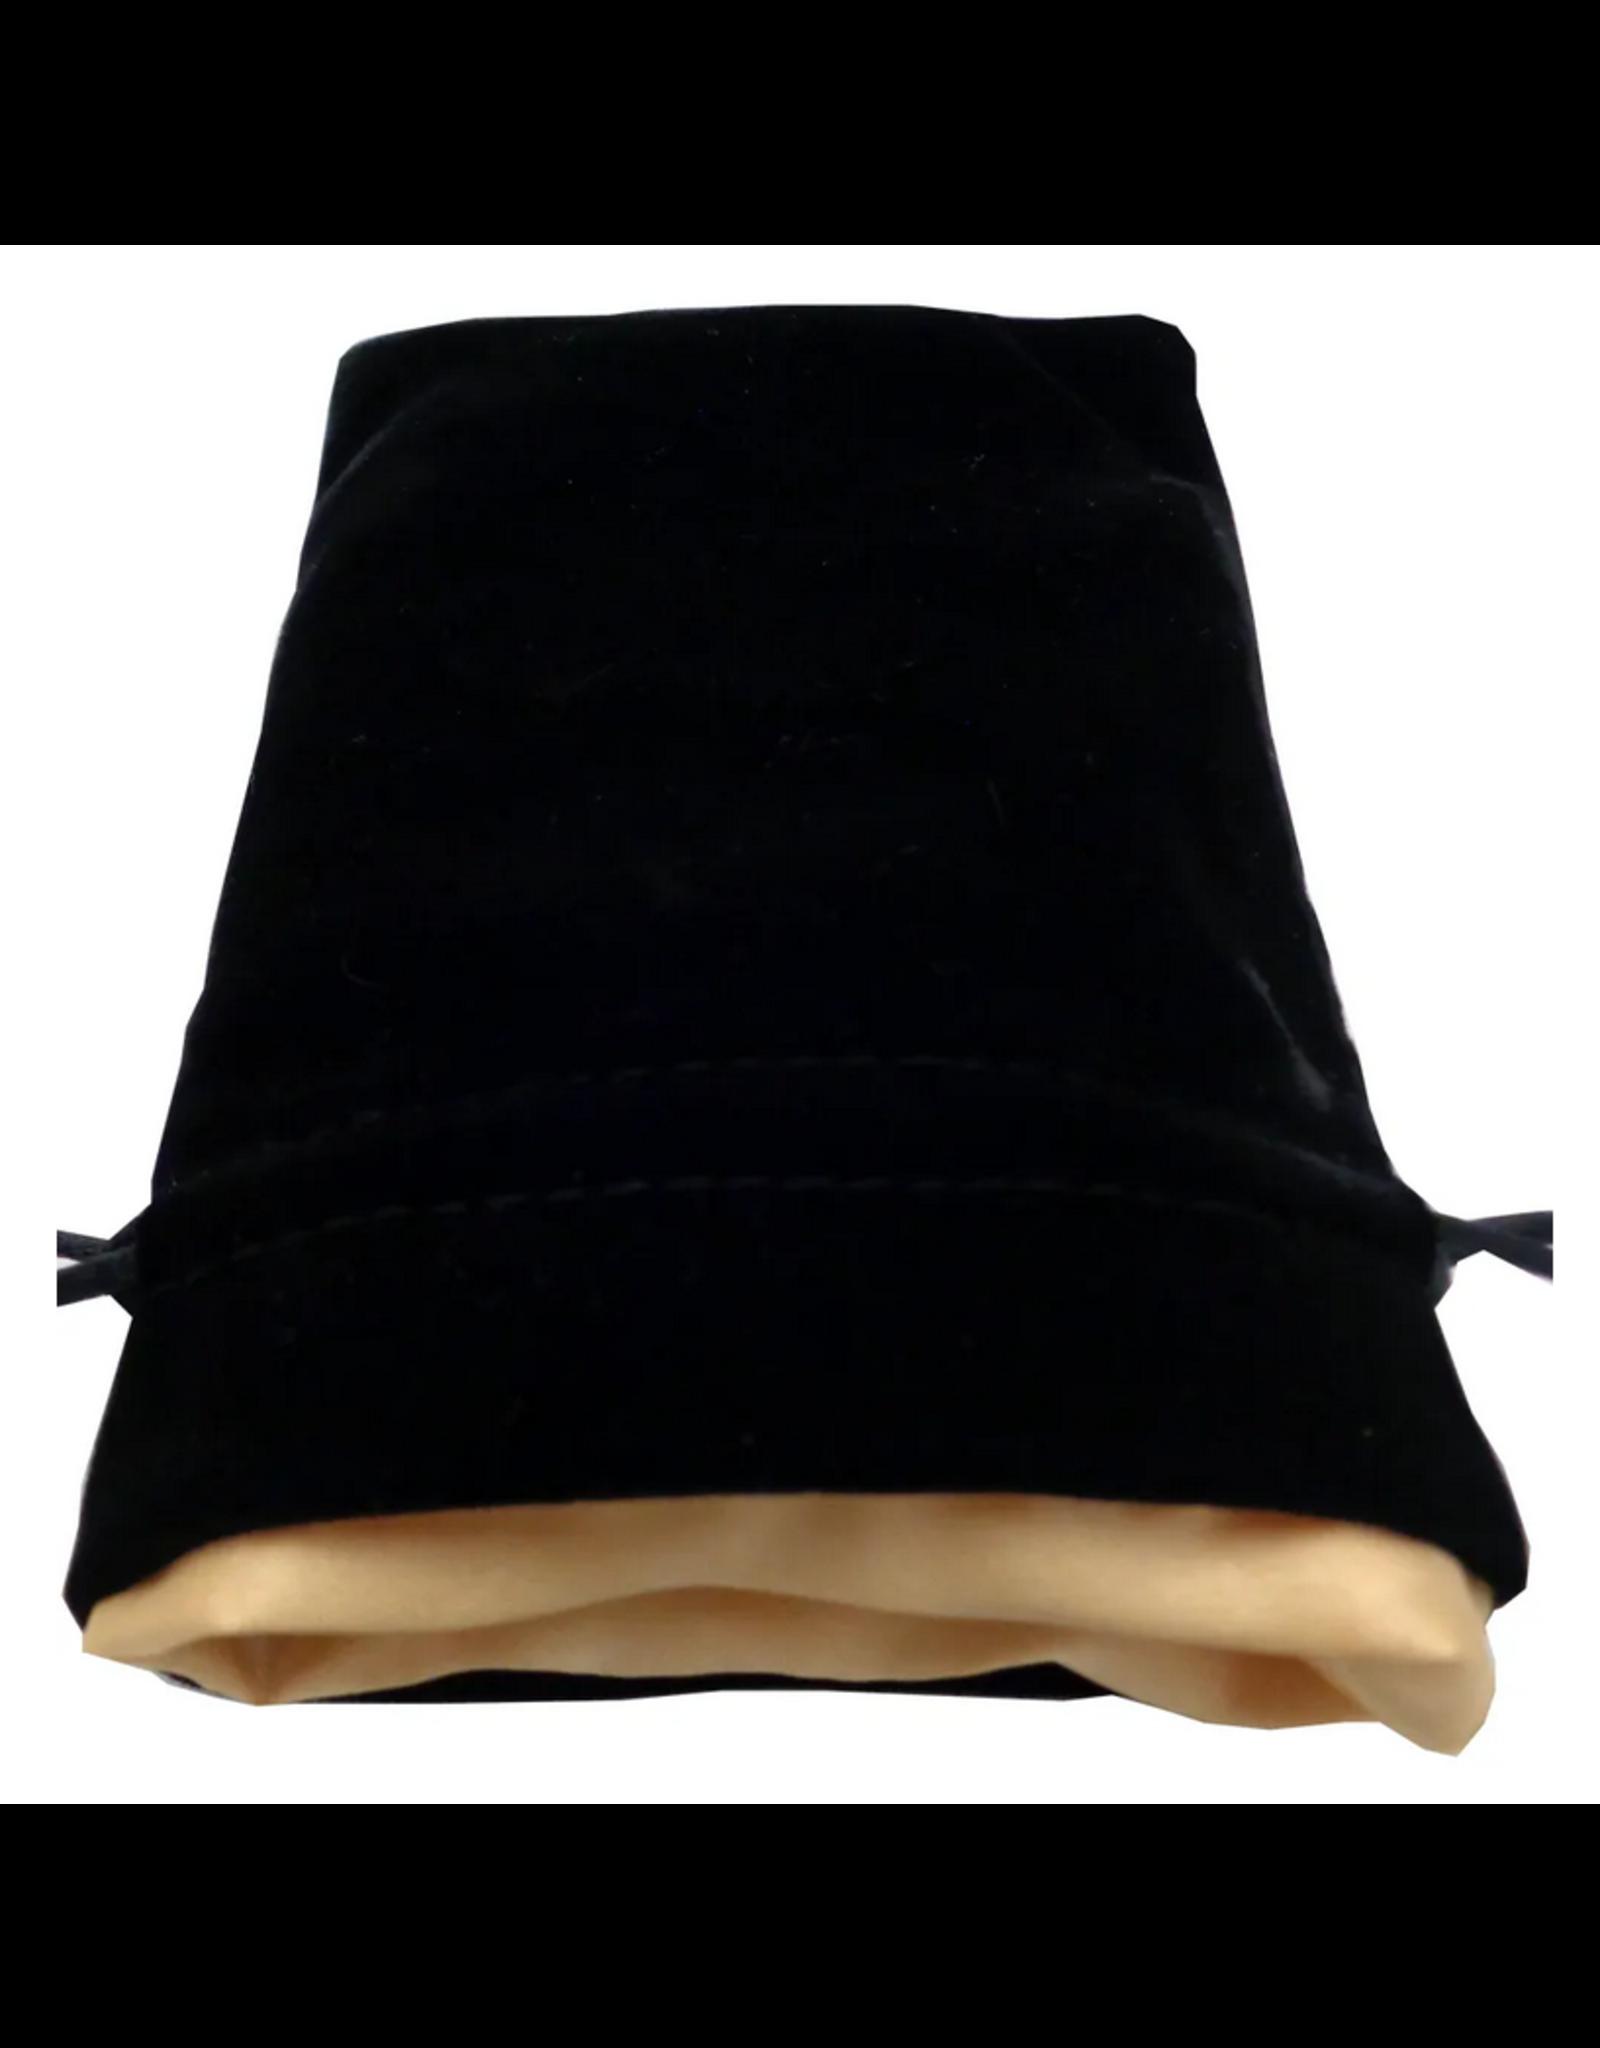 Dice 4in x 6in Black Velvet Dice Bag